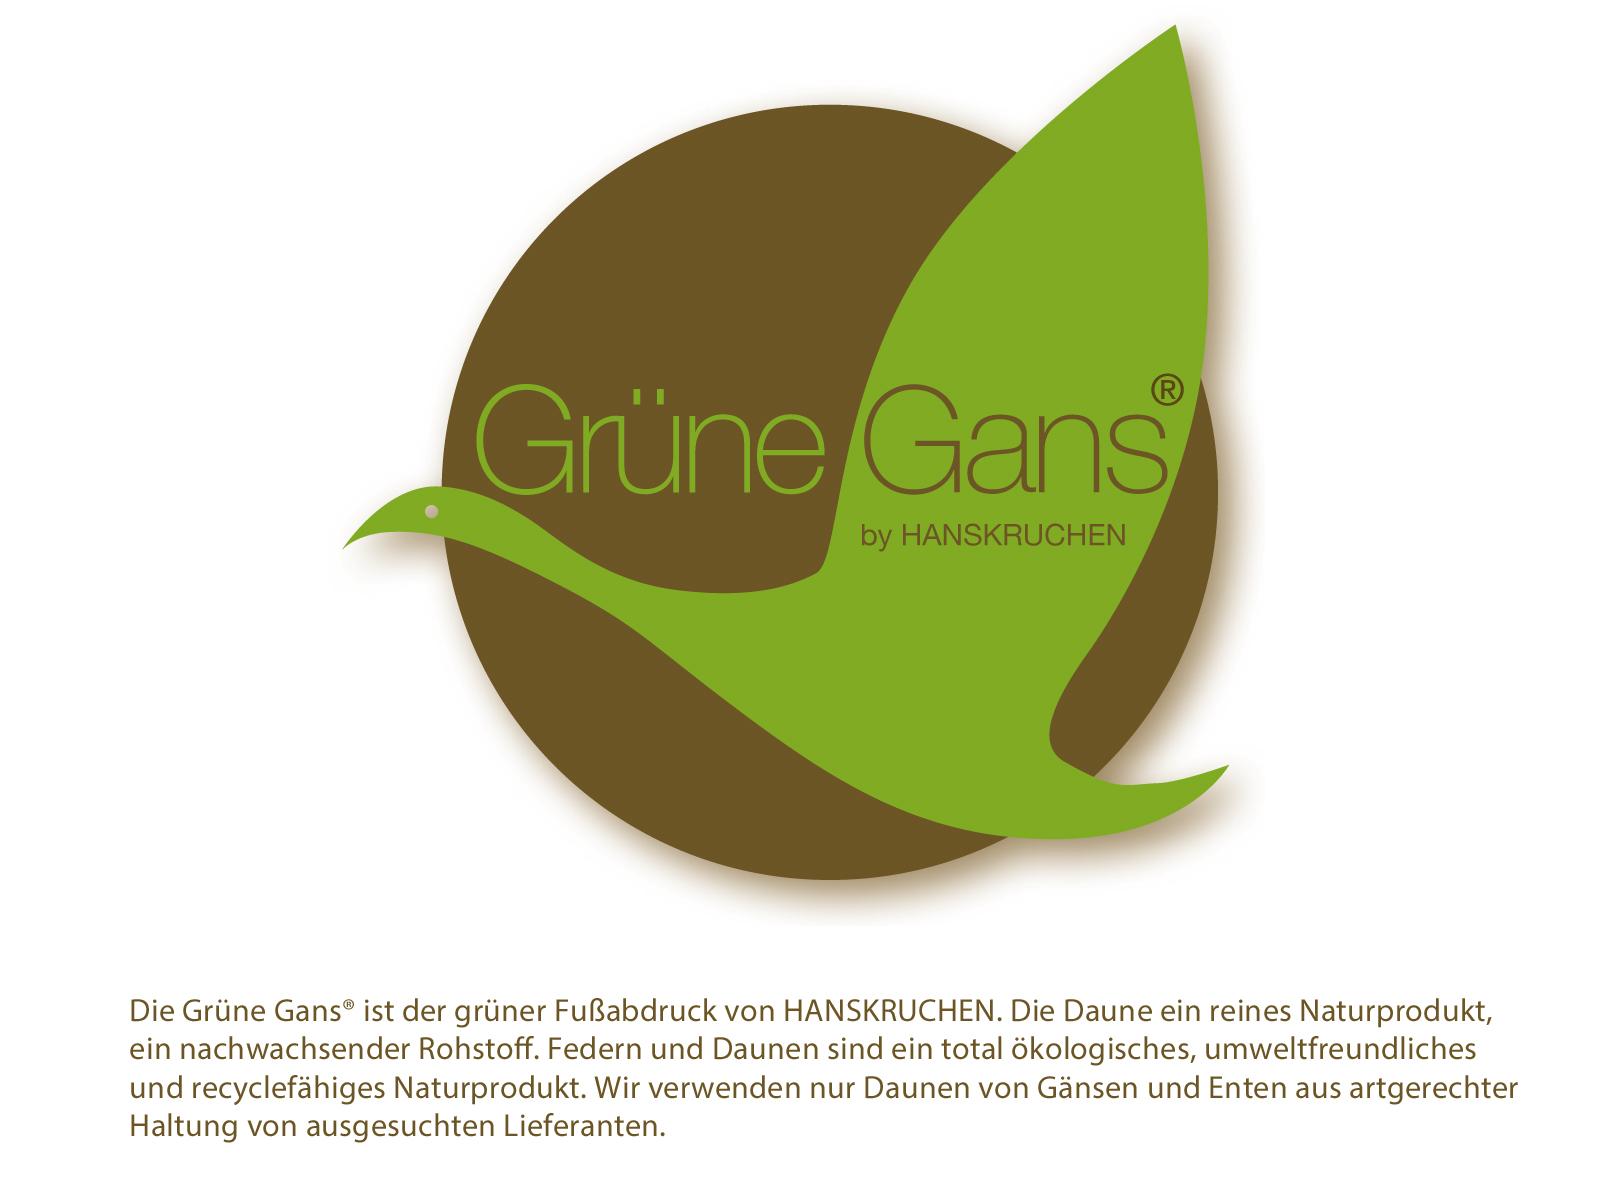 Bio Daunendecke 90% neue Freiland Gänsedaune naturbelassen mit kbA Baumwolle Grüne Gans Hanskruchen – Bild 3